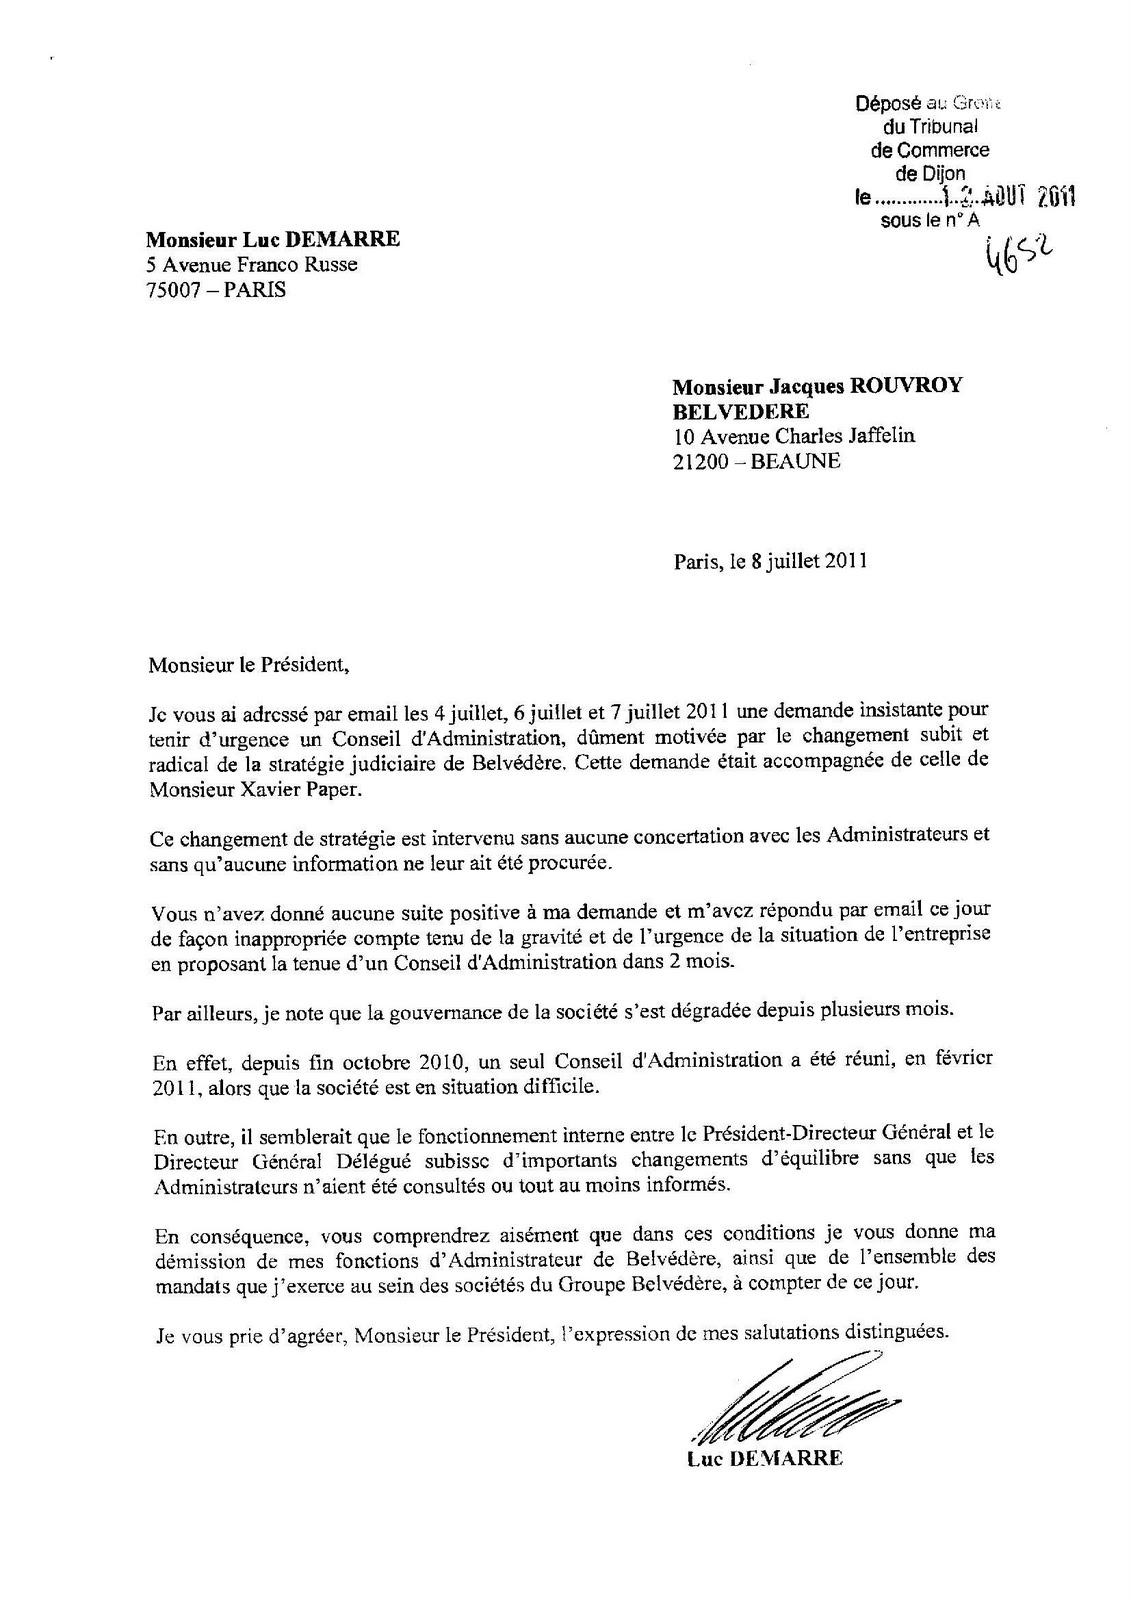 lettre de demission de delegue du personnel Les paipites du web, par Deuxtroy: BVD : la lettre de démission d  lettre de demission de delegue du personnel